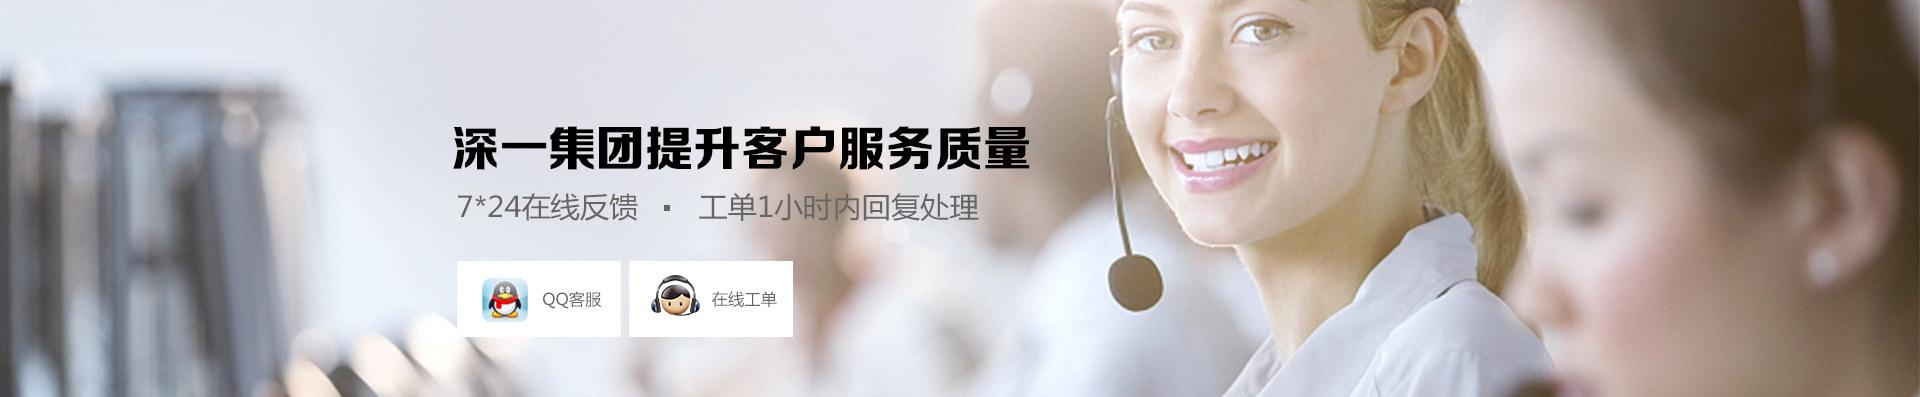 沙井千赢国际娱乐|欢迎光临建设工单